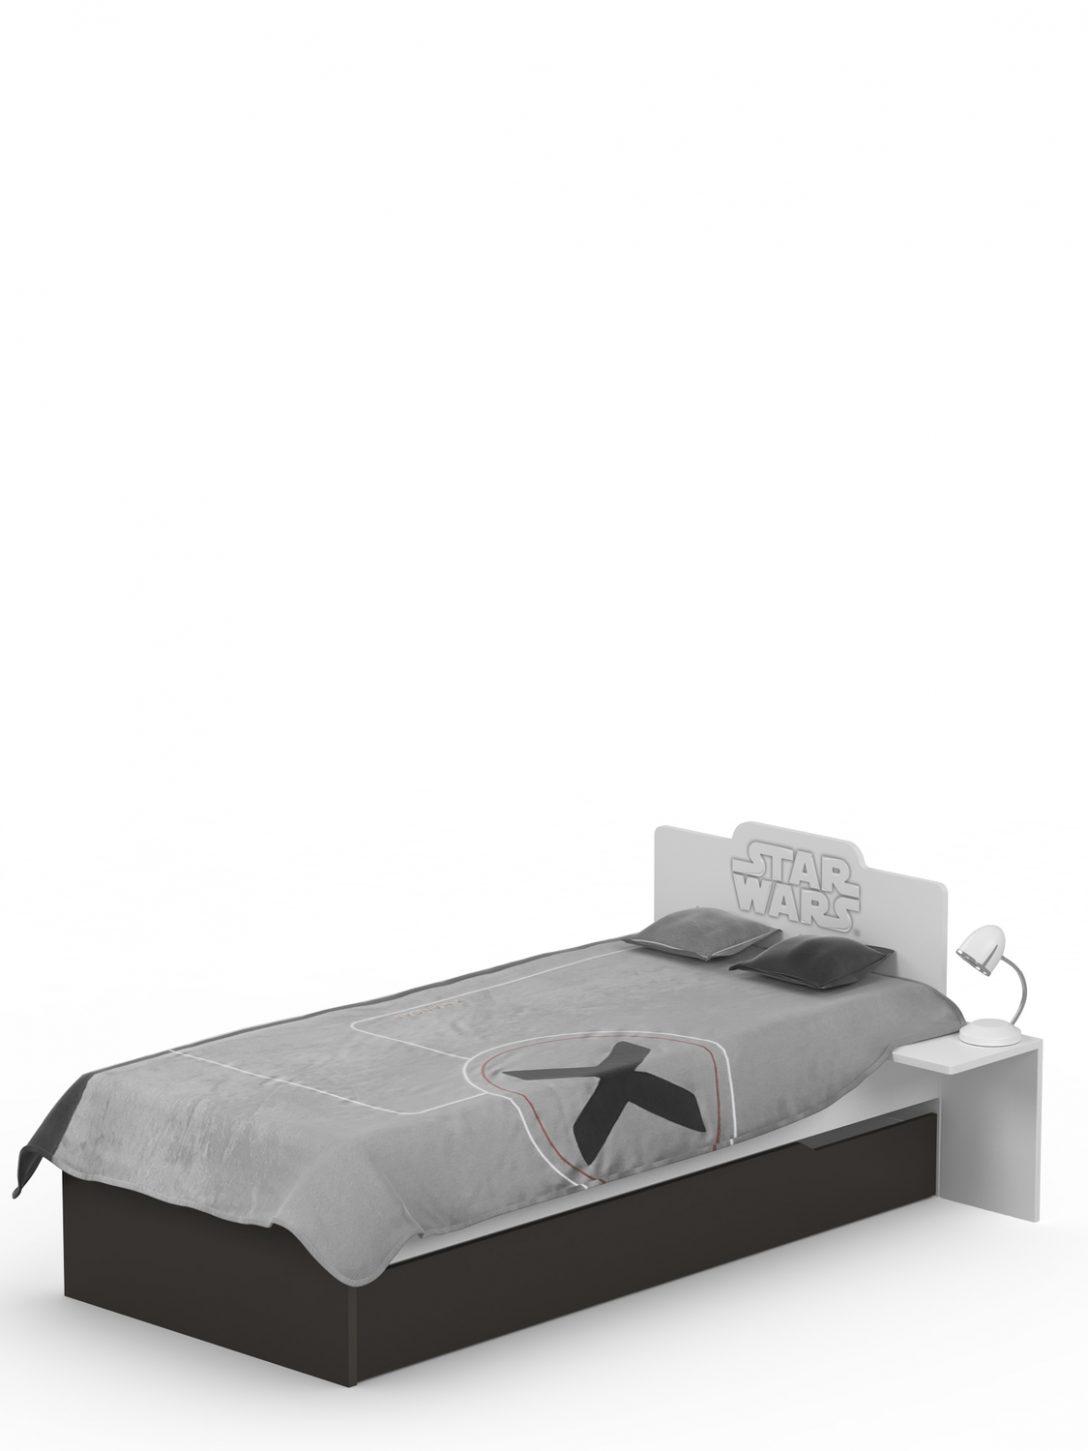 Large Size of Weißes Bett 90x200 Bettkasten Modernes 180x200 140x200 Günstig Stauraum 200x200 Mit Gästebett Eiche Sonoma Außergewöhnliche Betten Clinique Even Better Bett Weißes Bett 90x200